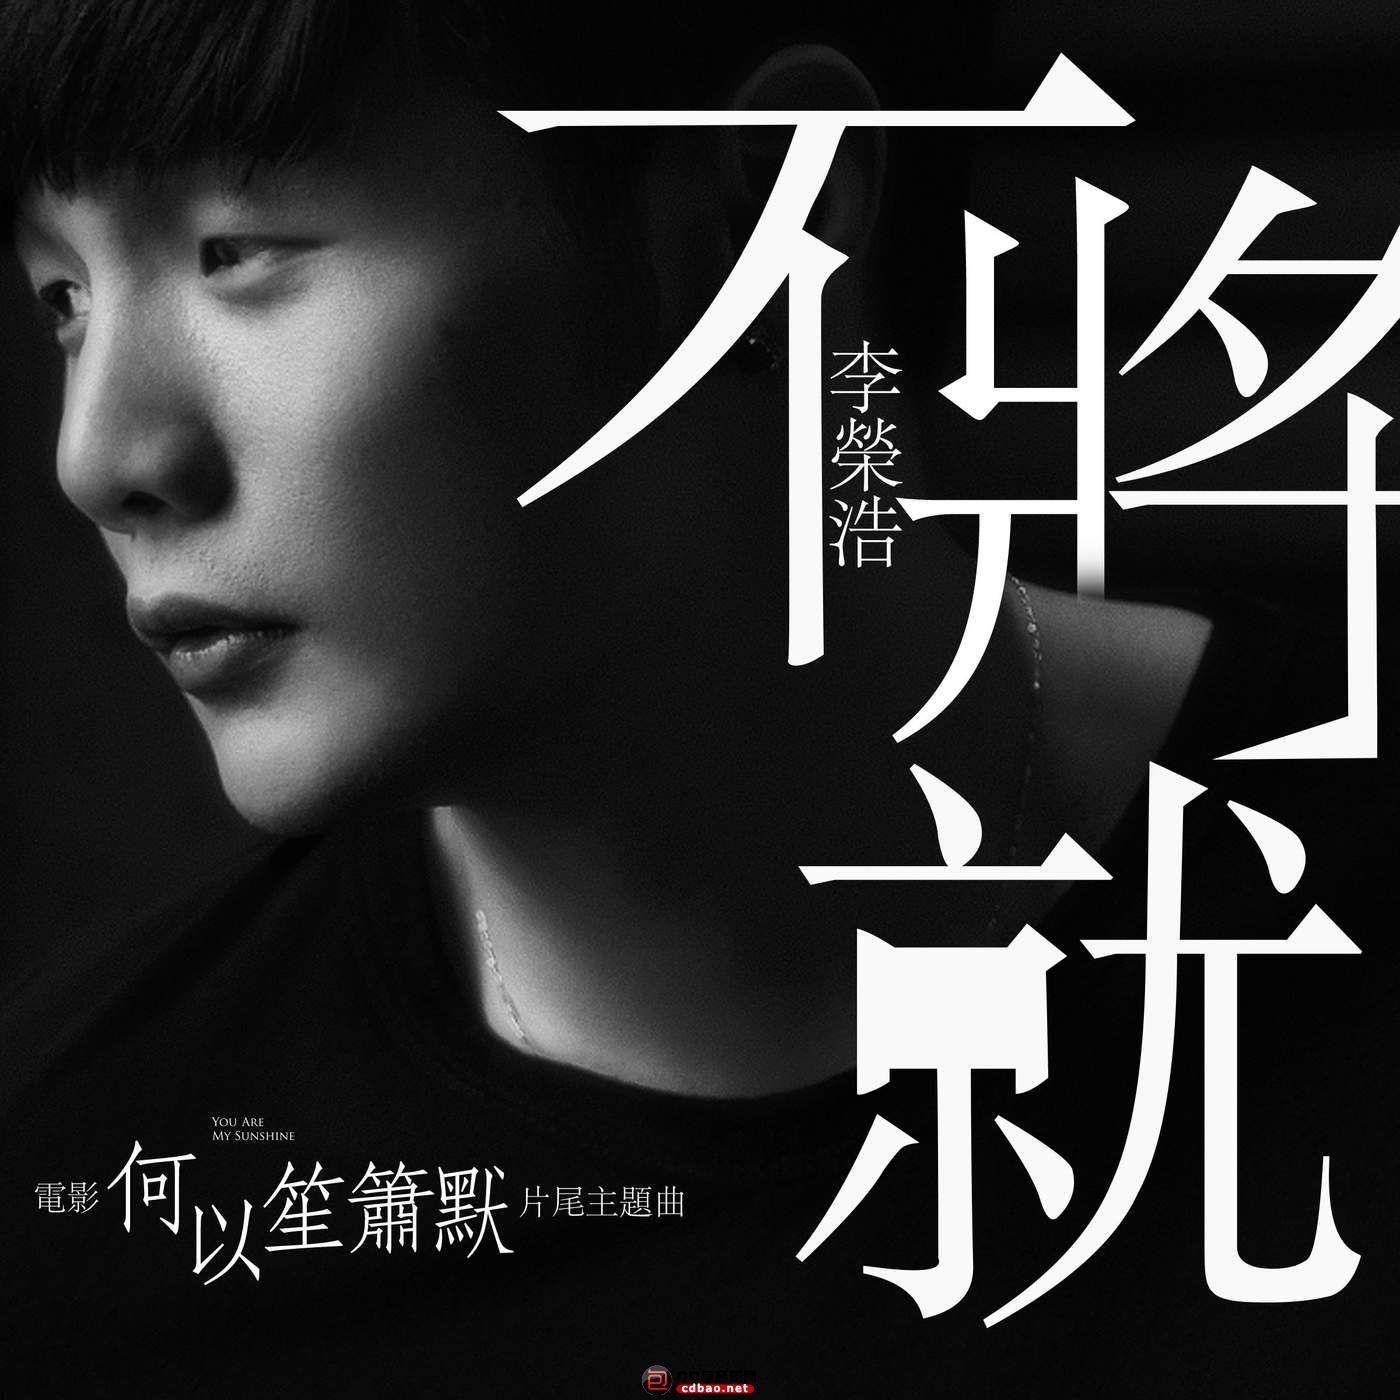 不將就 (電影《何以笙簫默》片尾曲) - Single.jpg